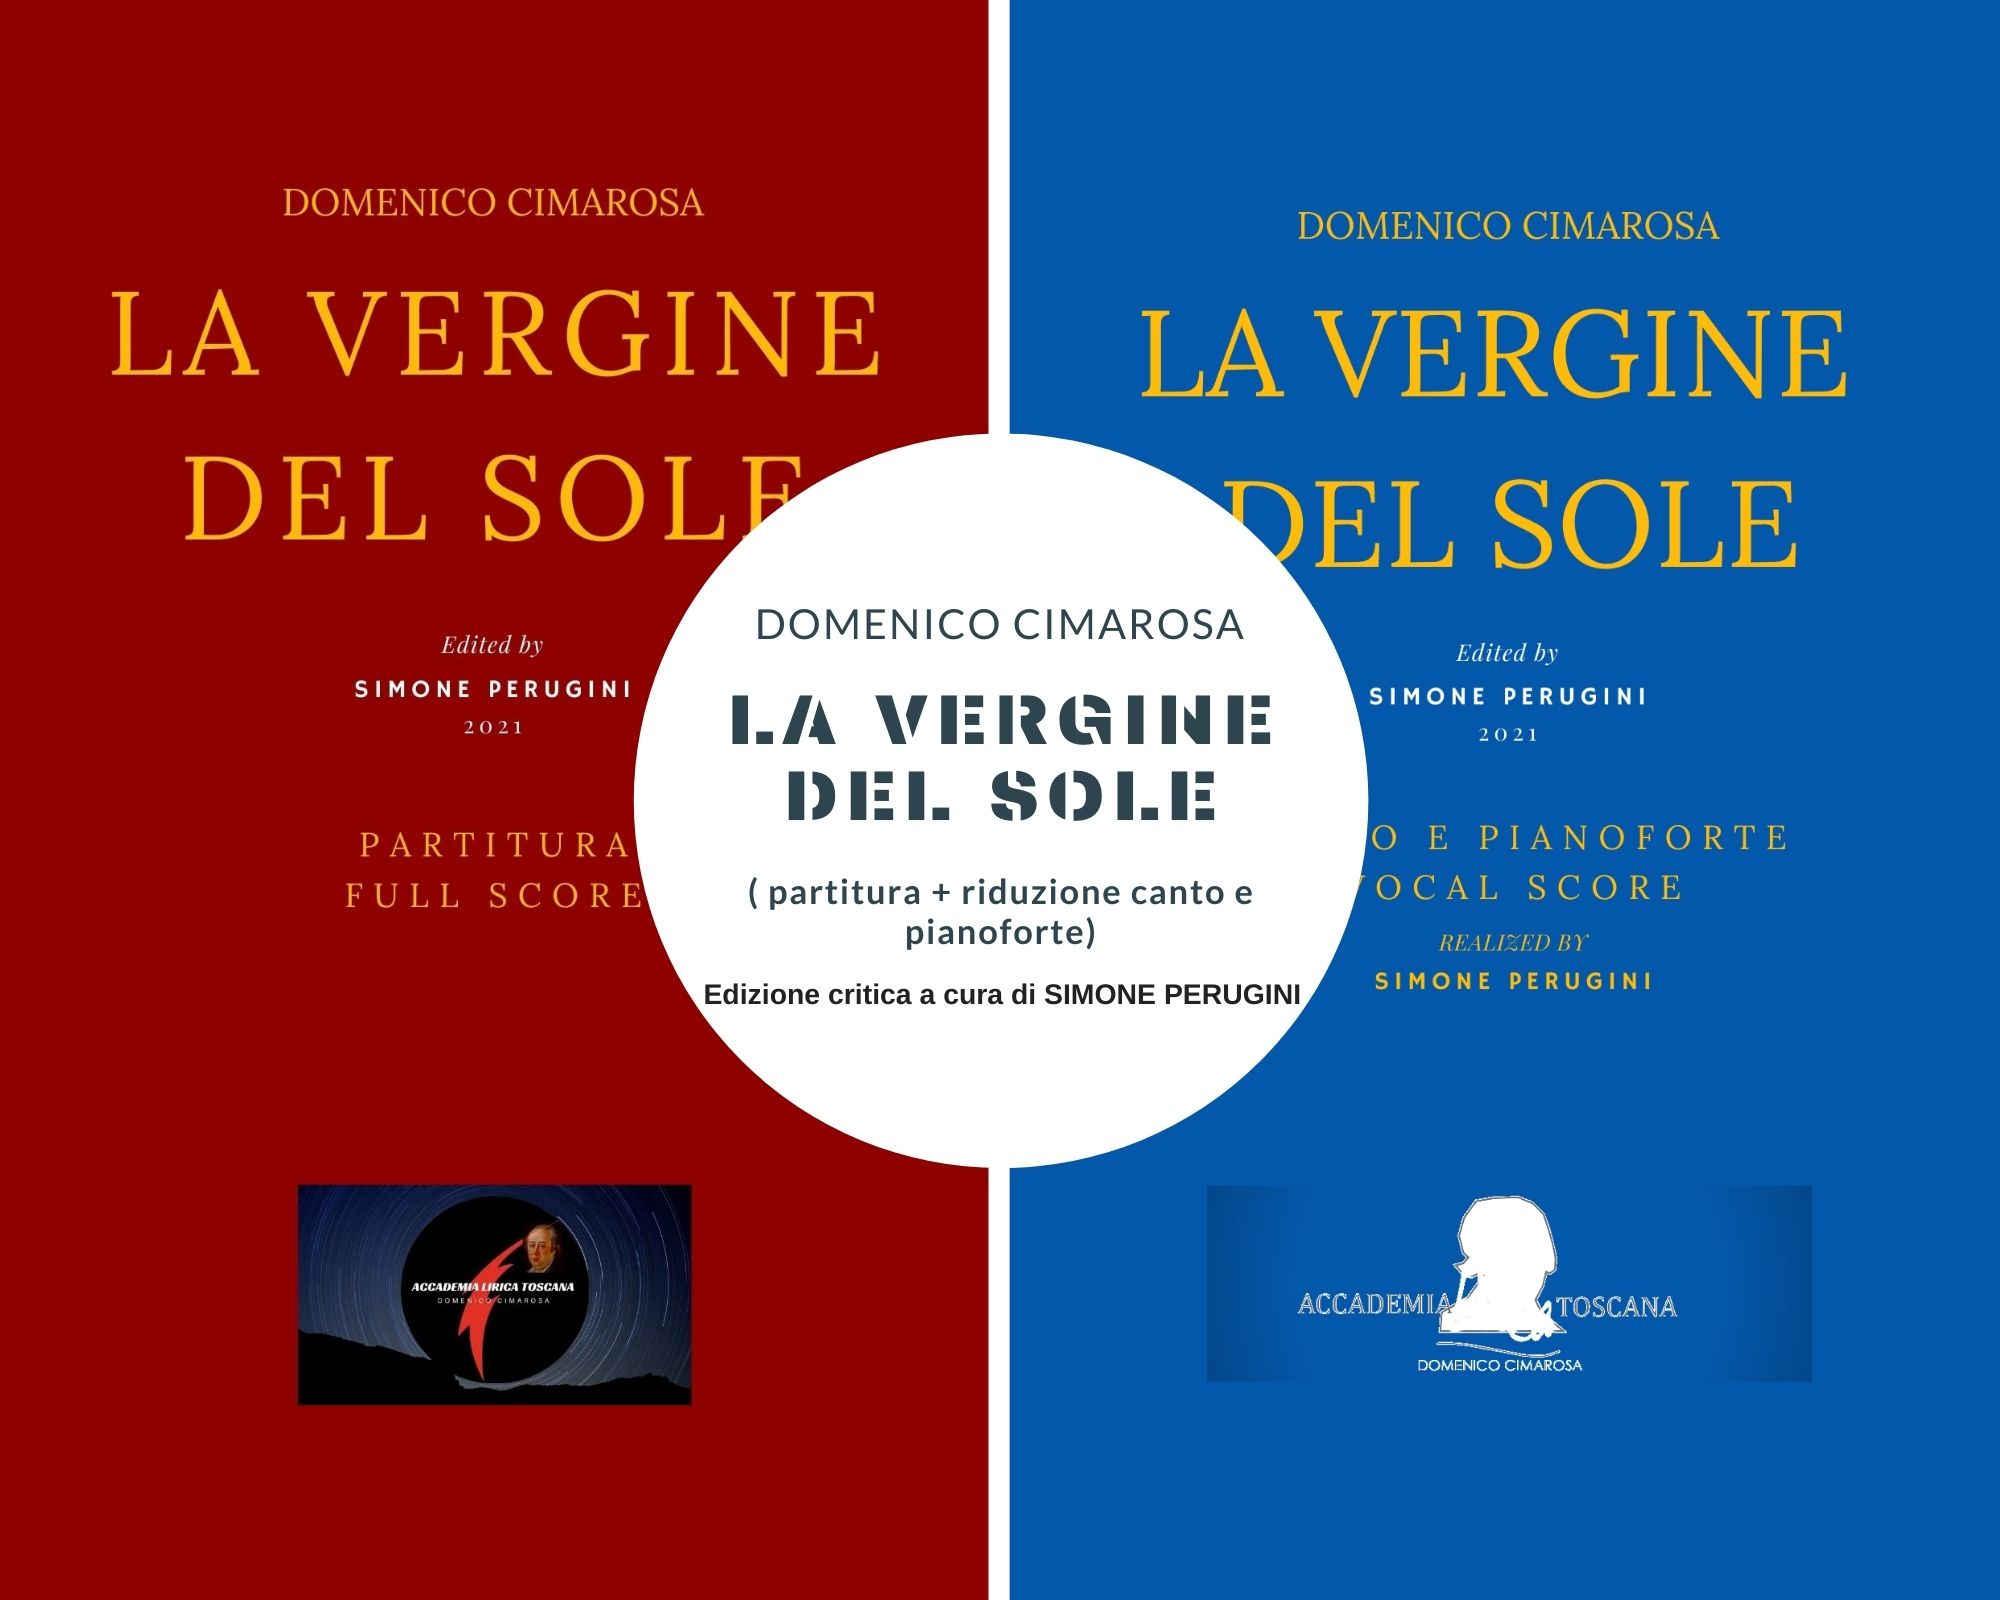 Un inedito Cimarosa pubblicato in edizione critica